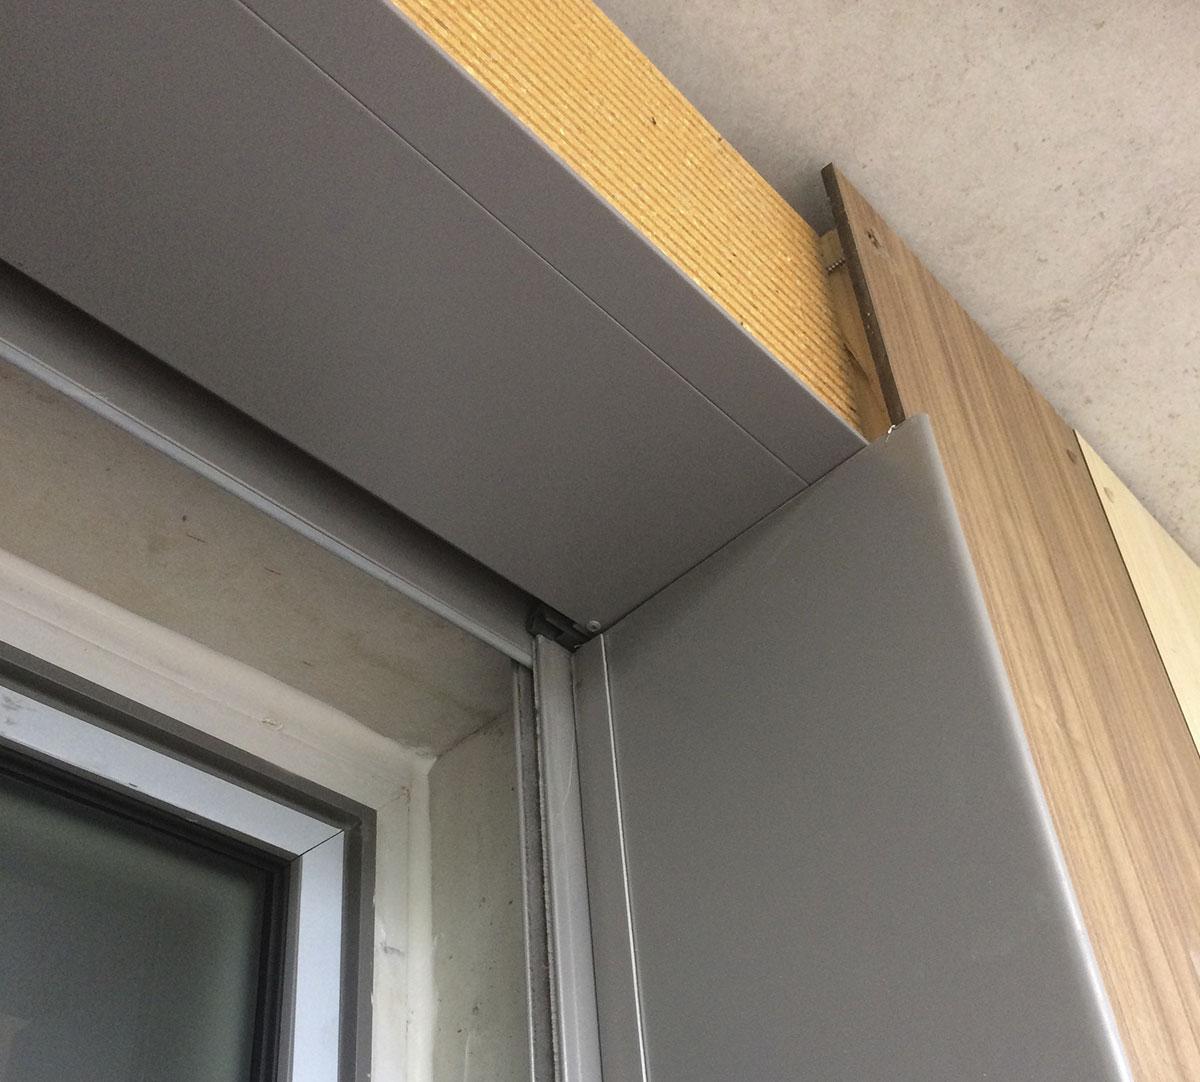 Réalisation Encadrement de fenêtres et couvertines d'acrotères sur bardage bois : image 5